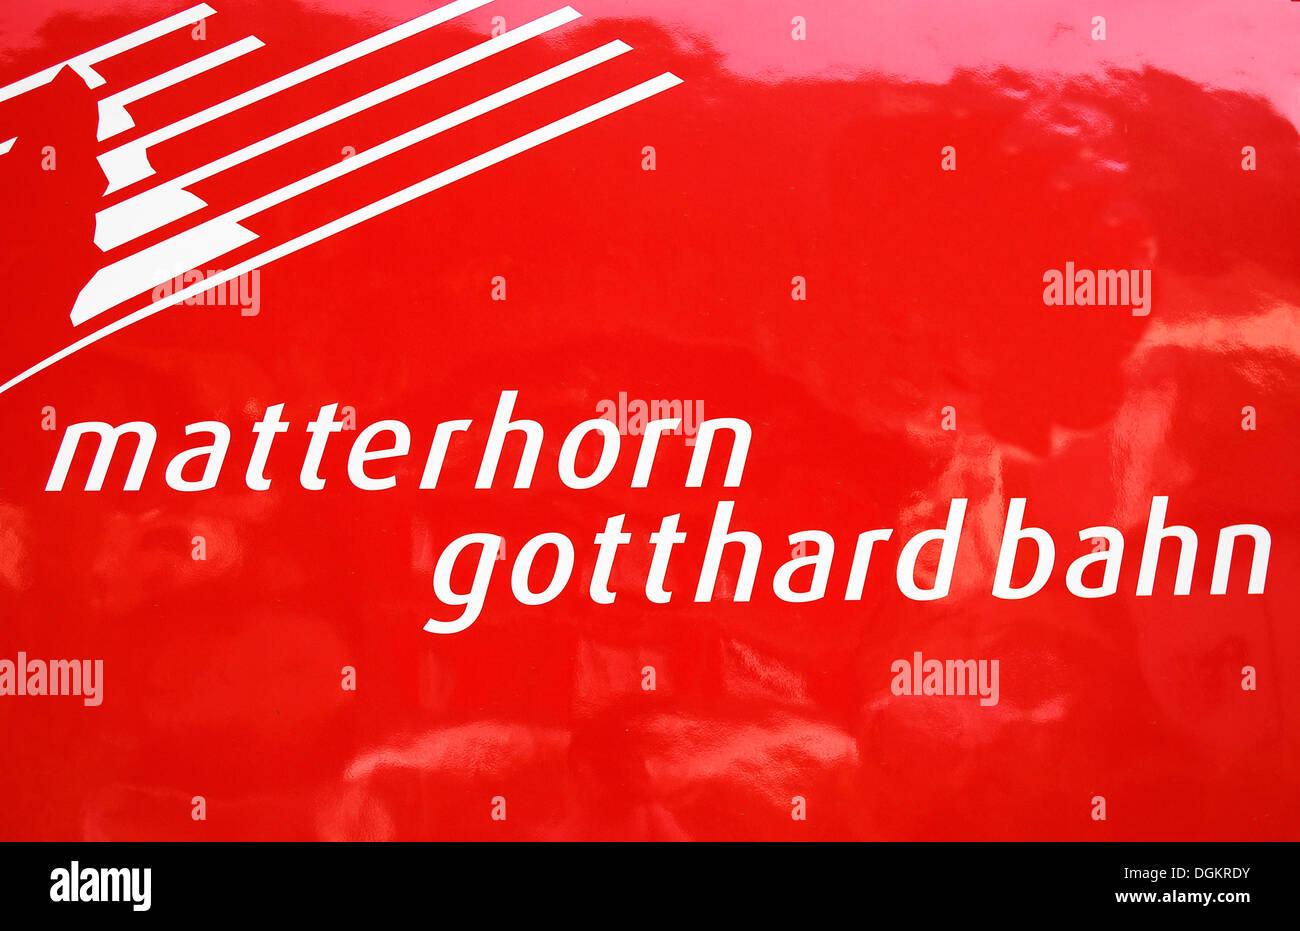 logo of the matterhorn gotthard bahn narrow gauge railway stock